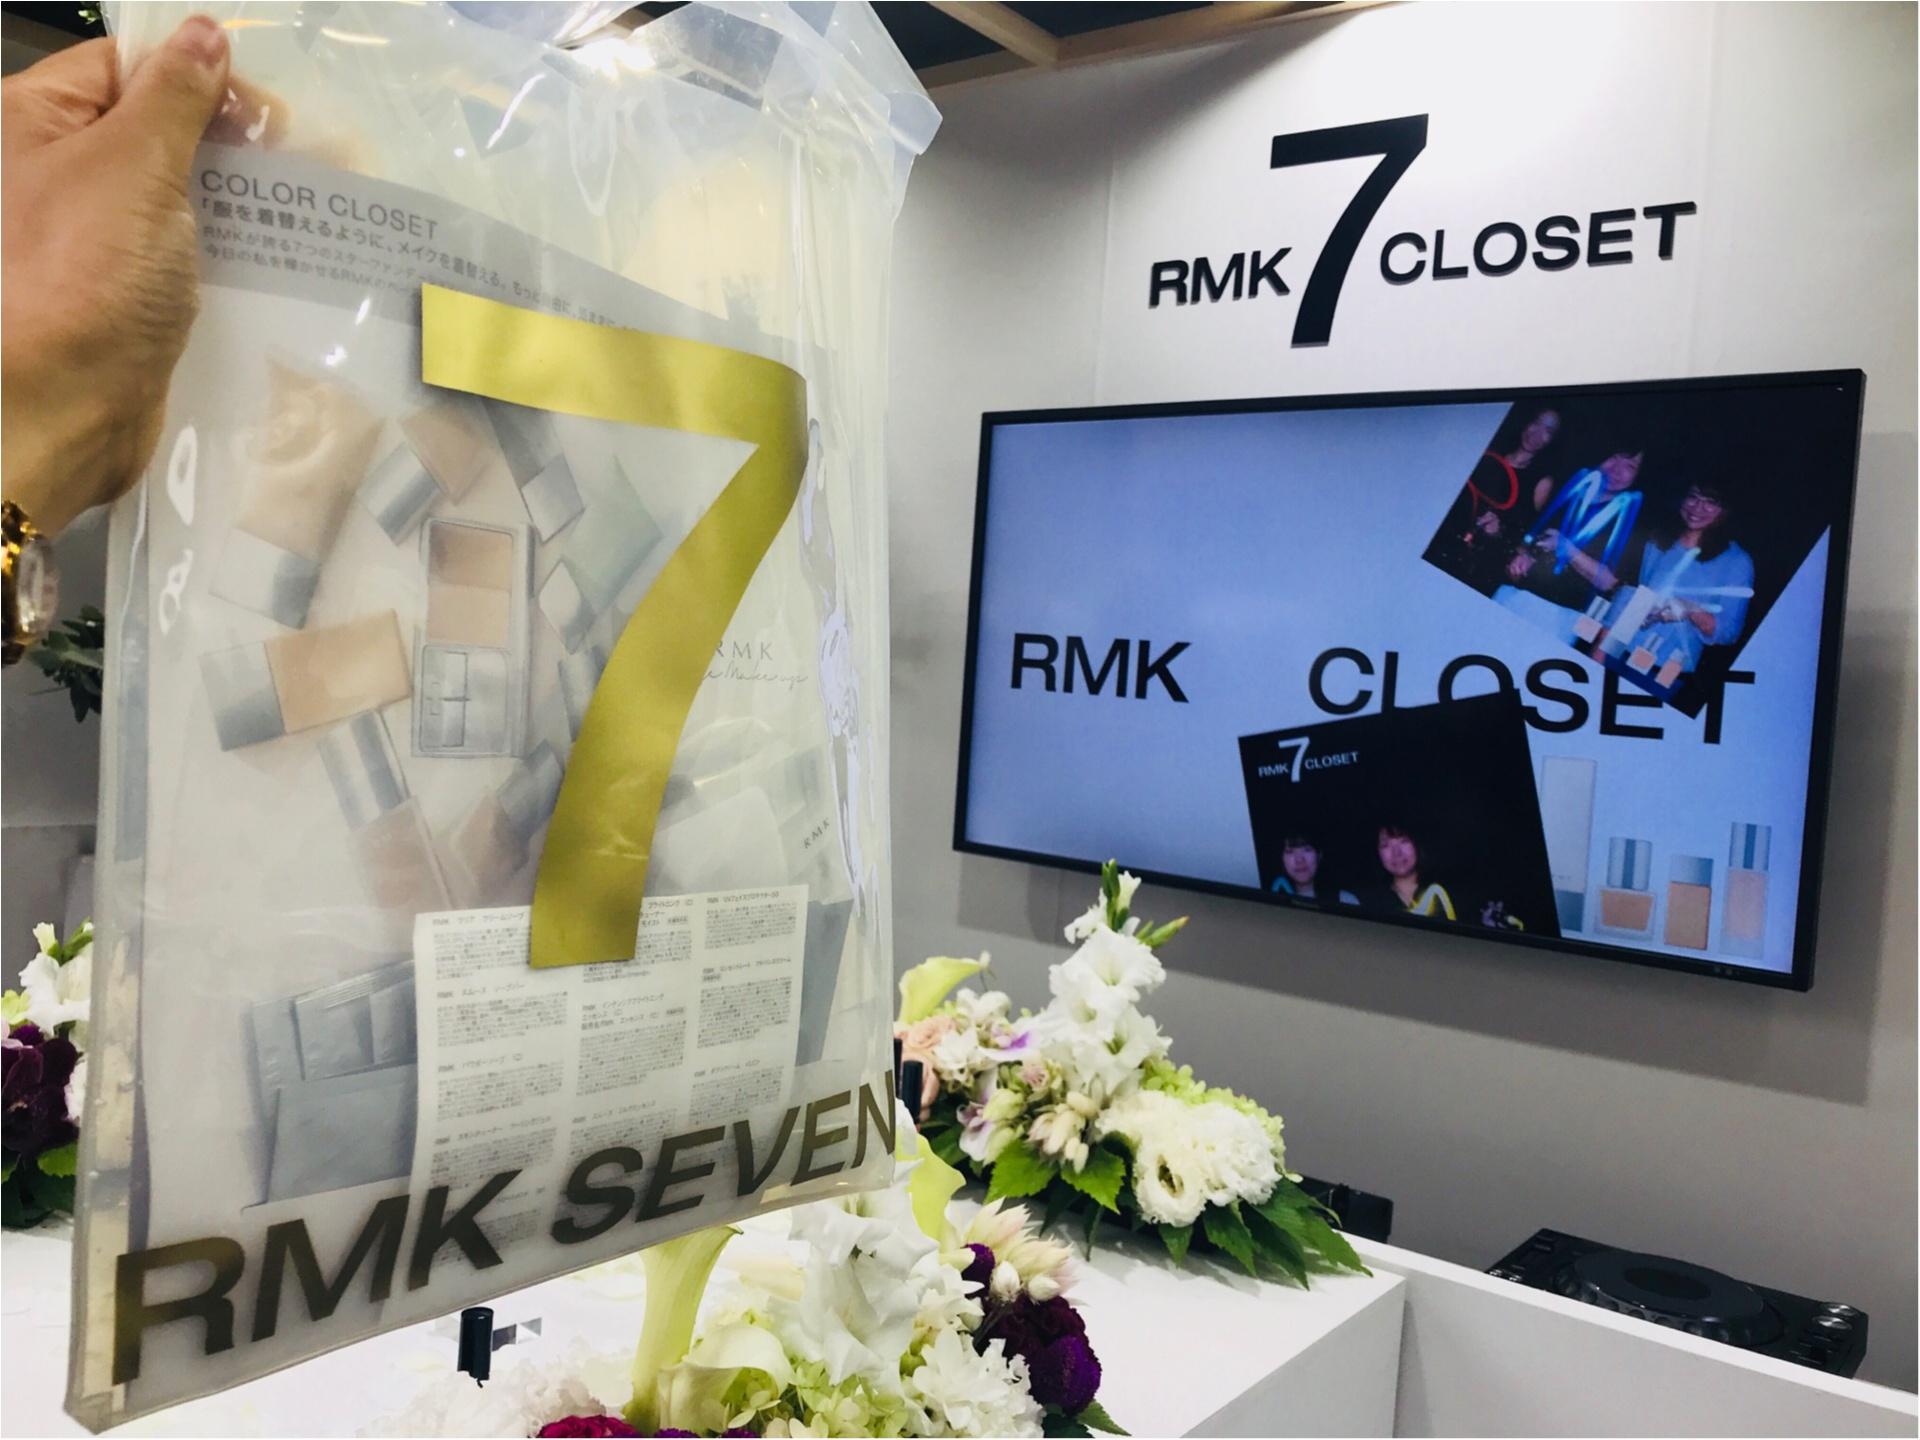 【RMK】行かないと損!下地&ファンデ全11種貰えるポップアップストア開催中♡_6